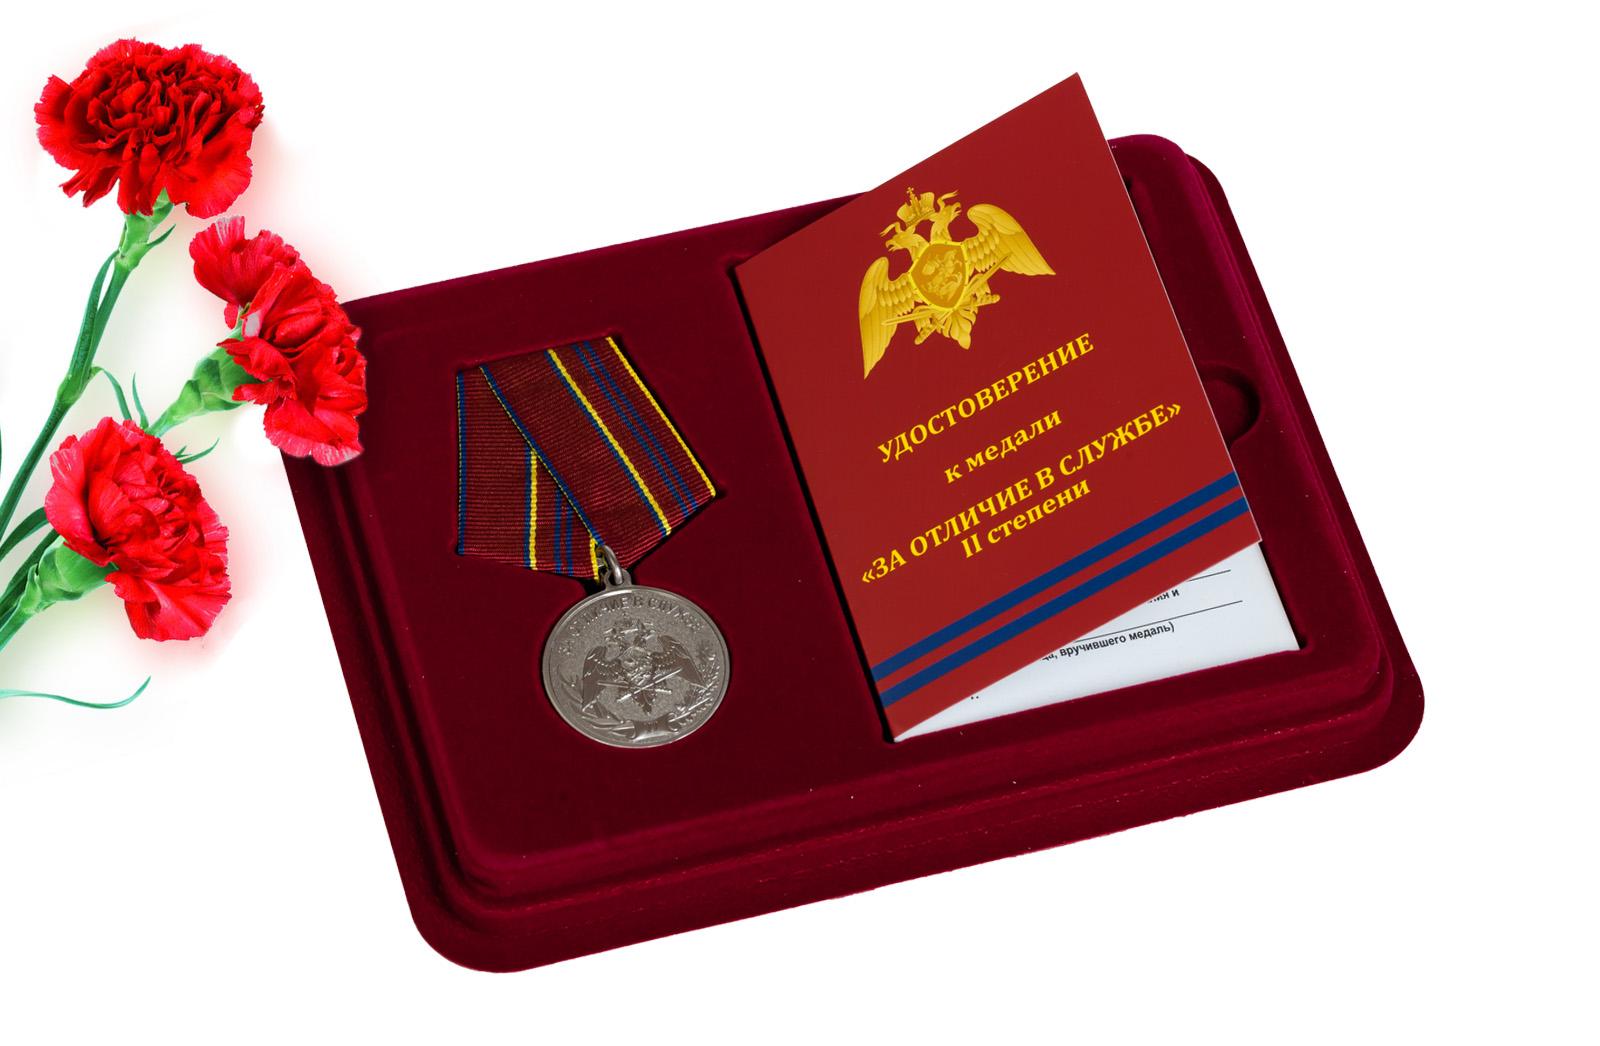 Купить медаль Росгвардии За отличие в службе 2 степени по низкой цене